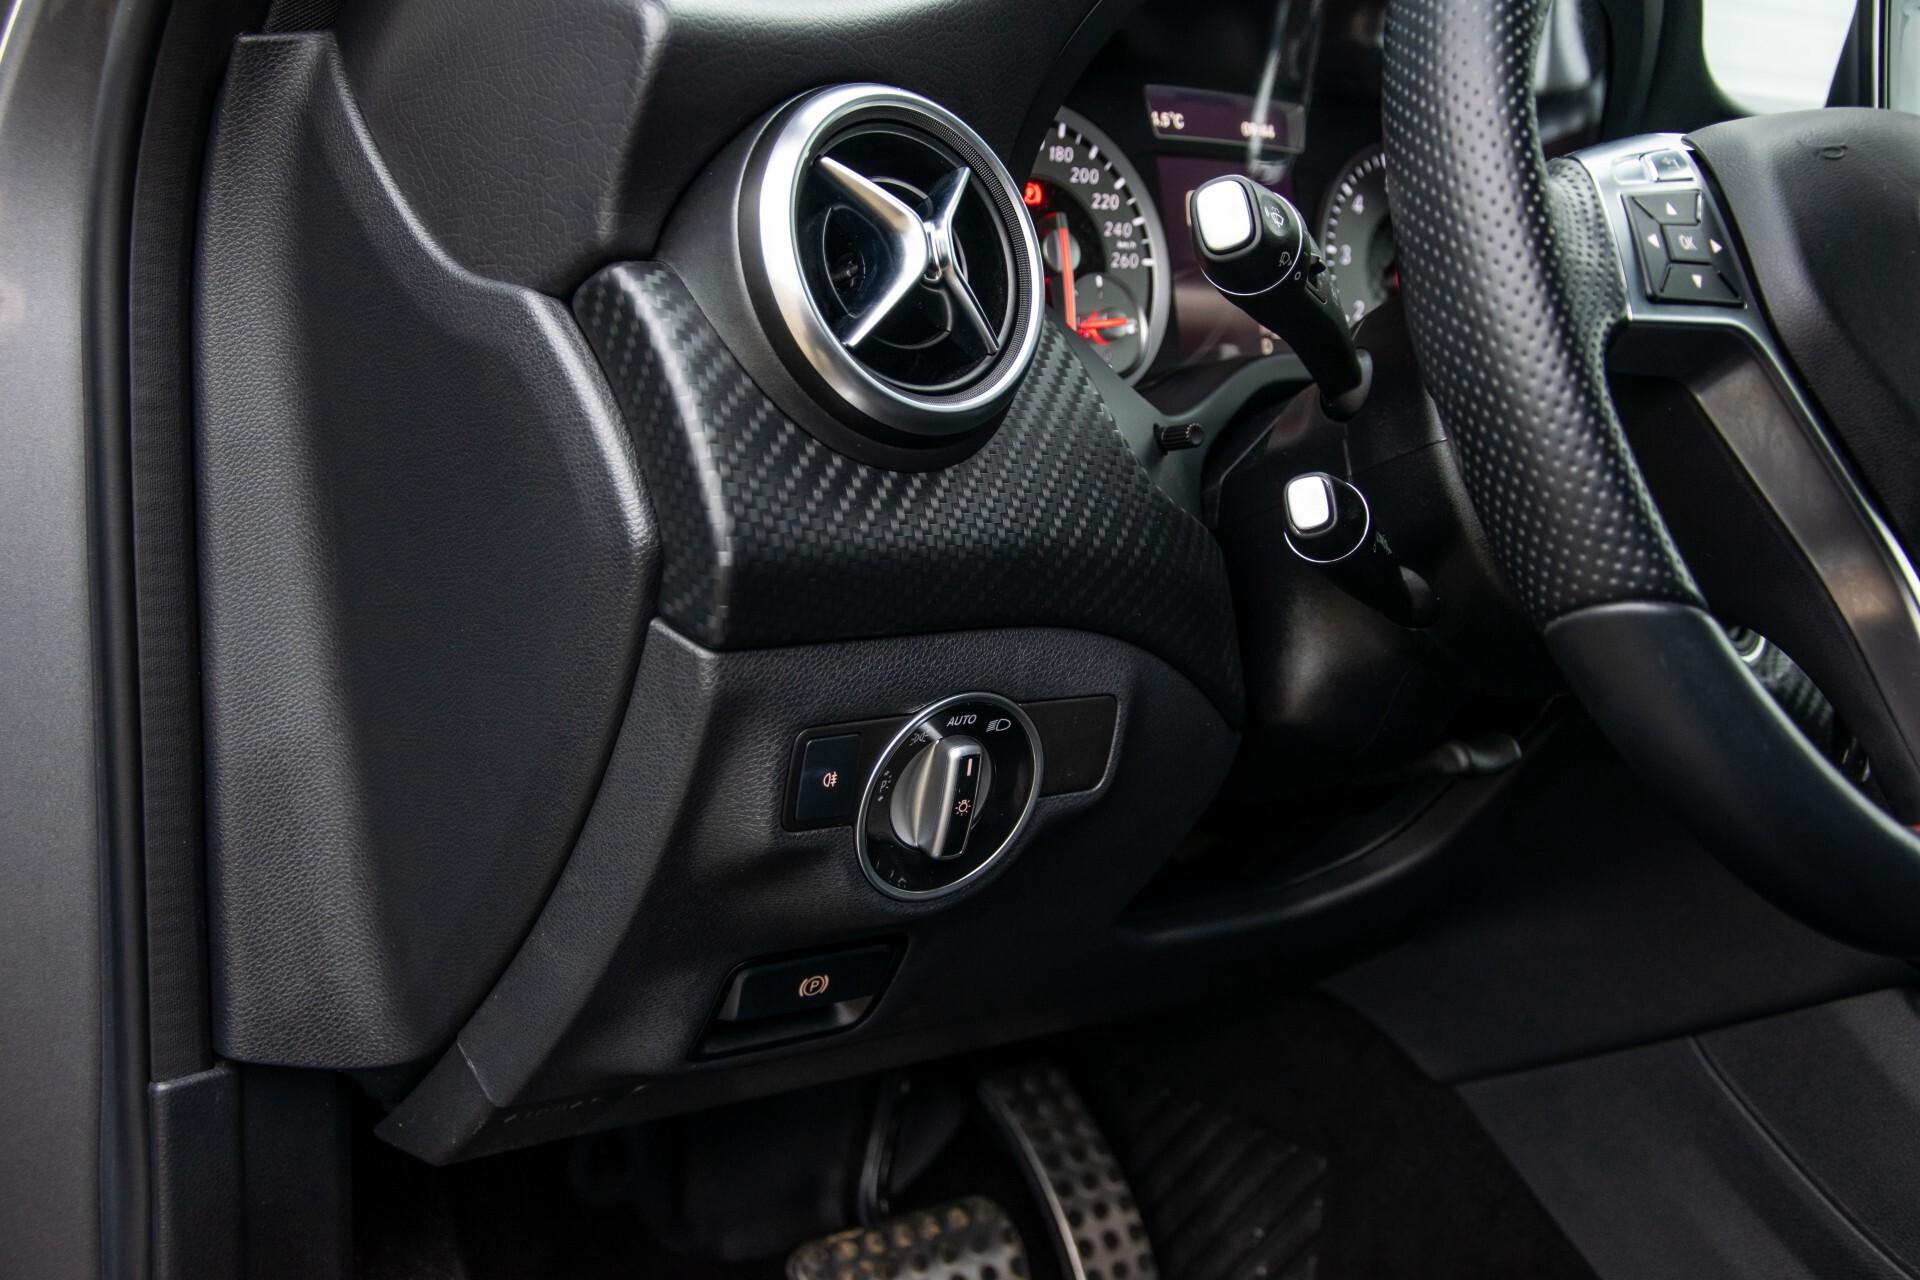 Mercedes-Benz A-Klasse 180 AMG Dynamic Handling/Camera/Xenon/Navi/Privacy Aut7 Foto 32